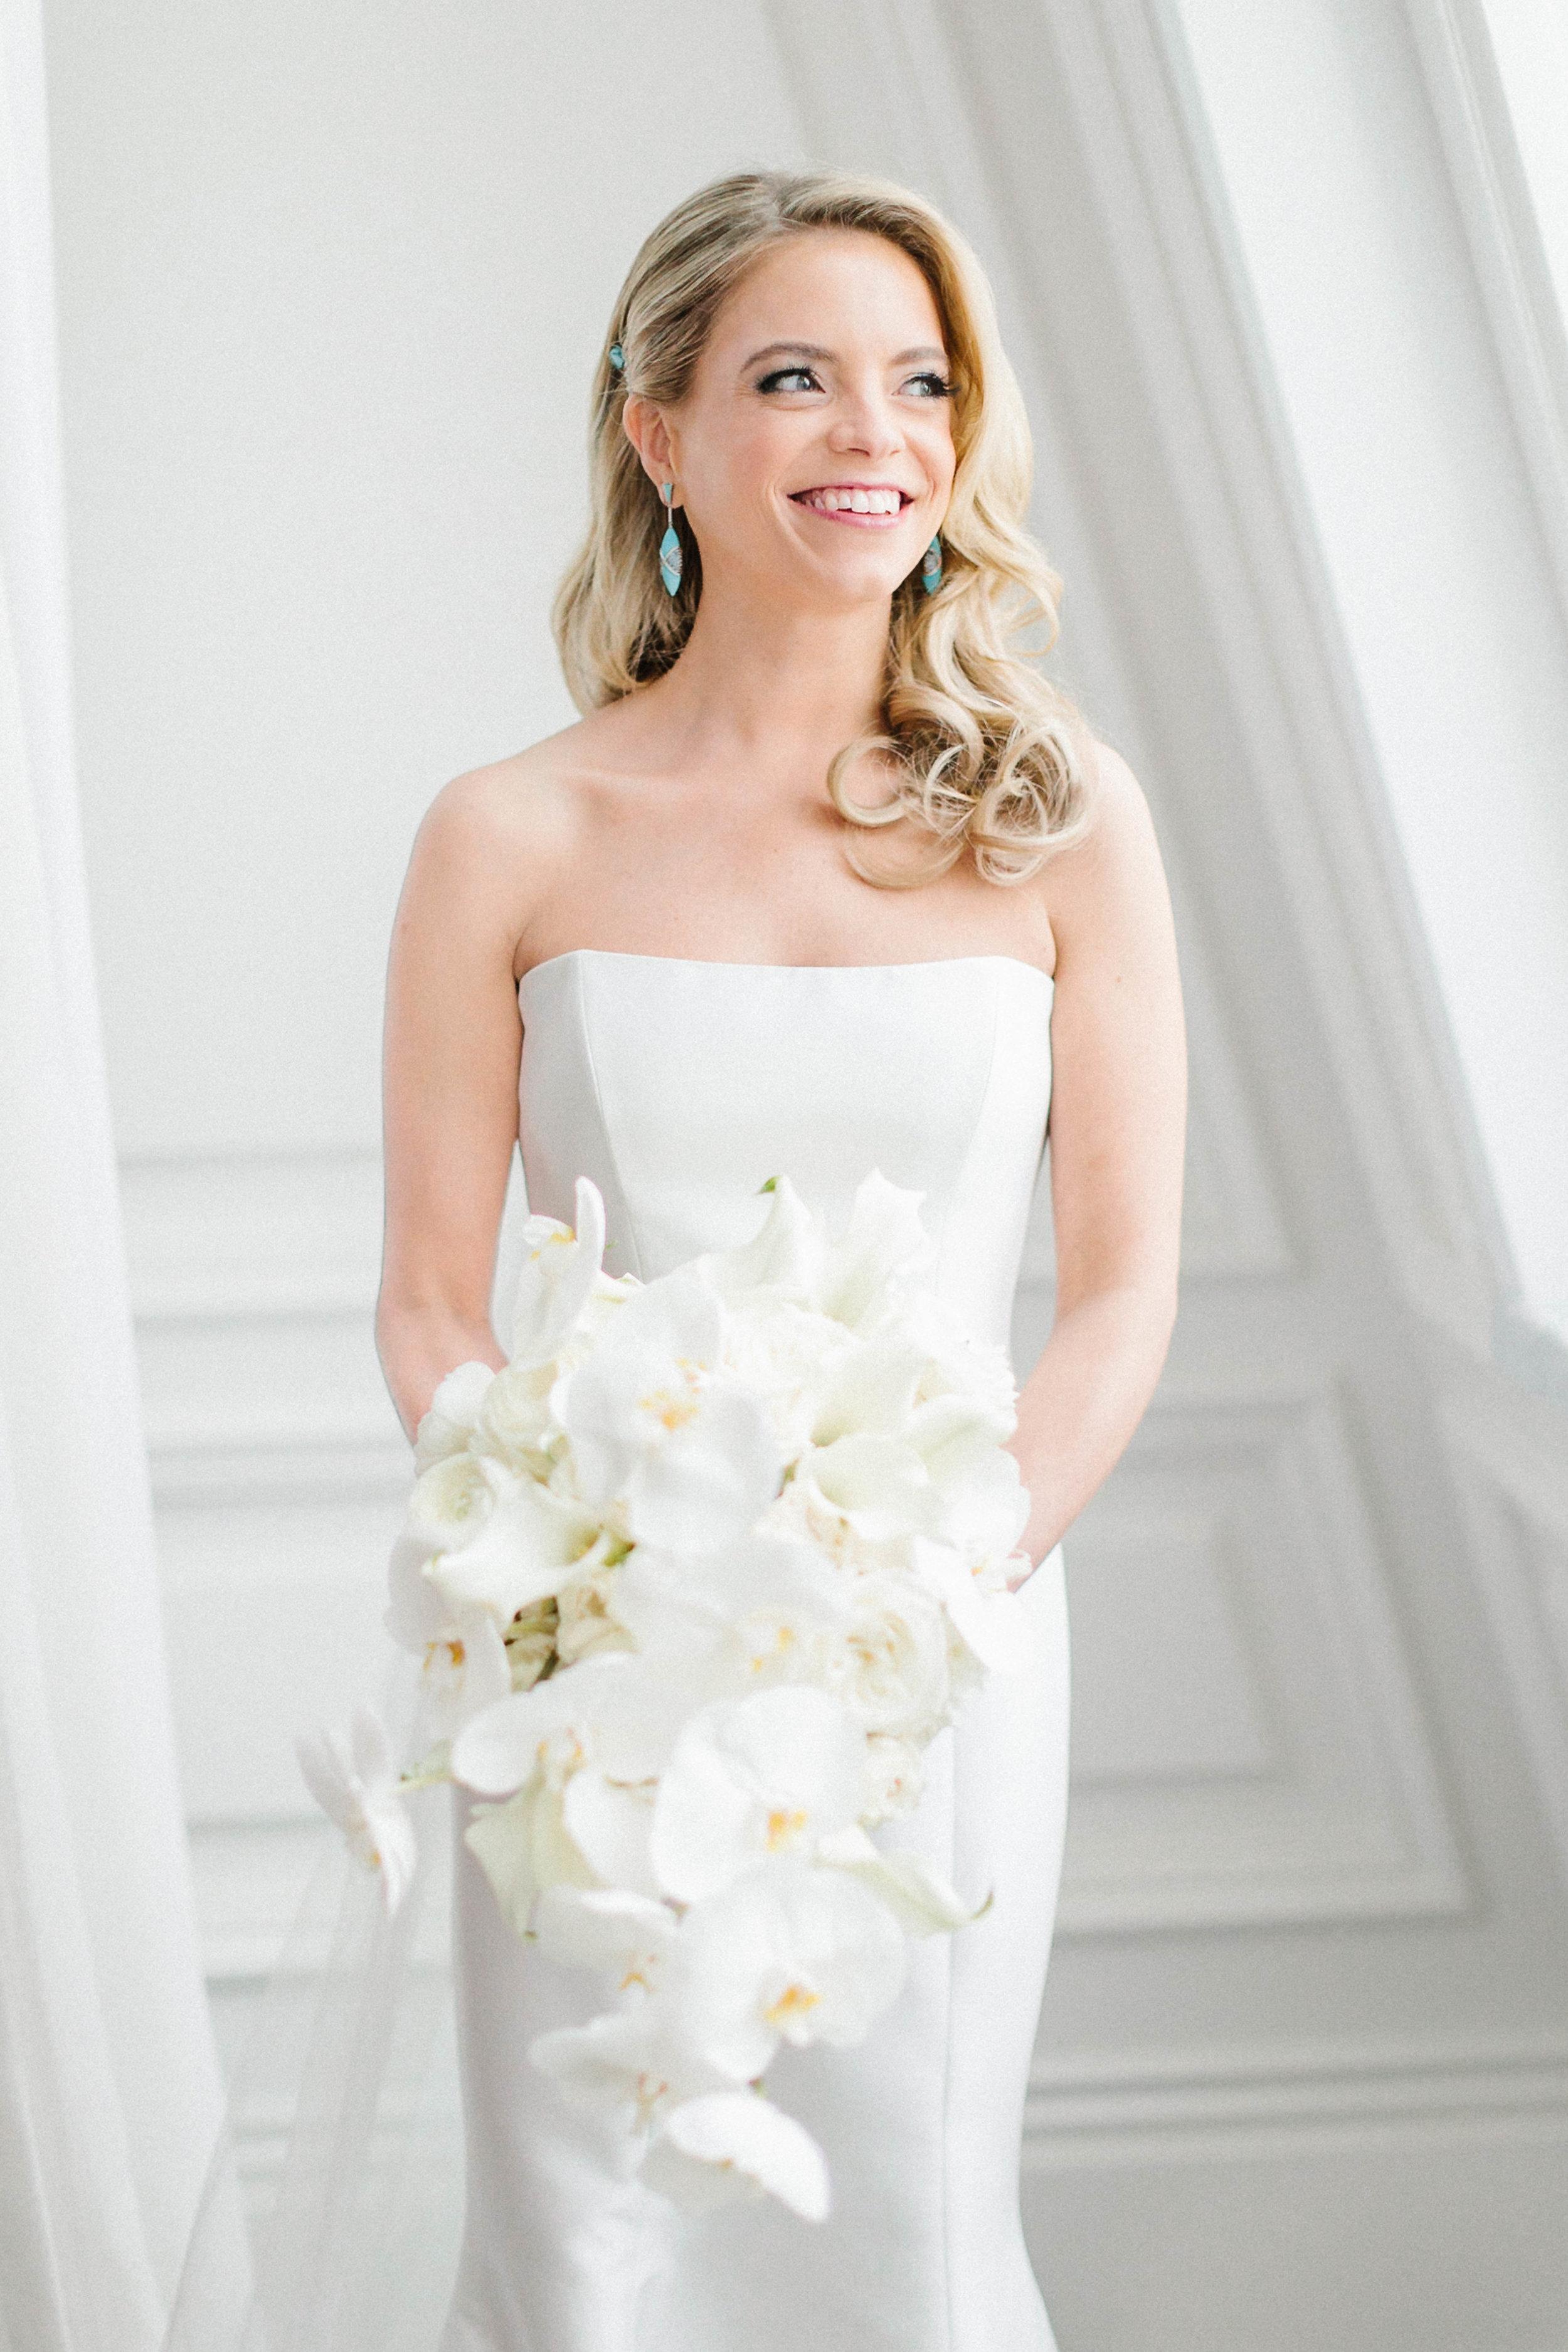 Portraits - Adolphus Wedding - Dallas Wedding Planner - Allday Events - 54.jpg